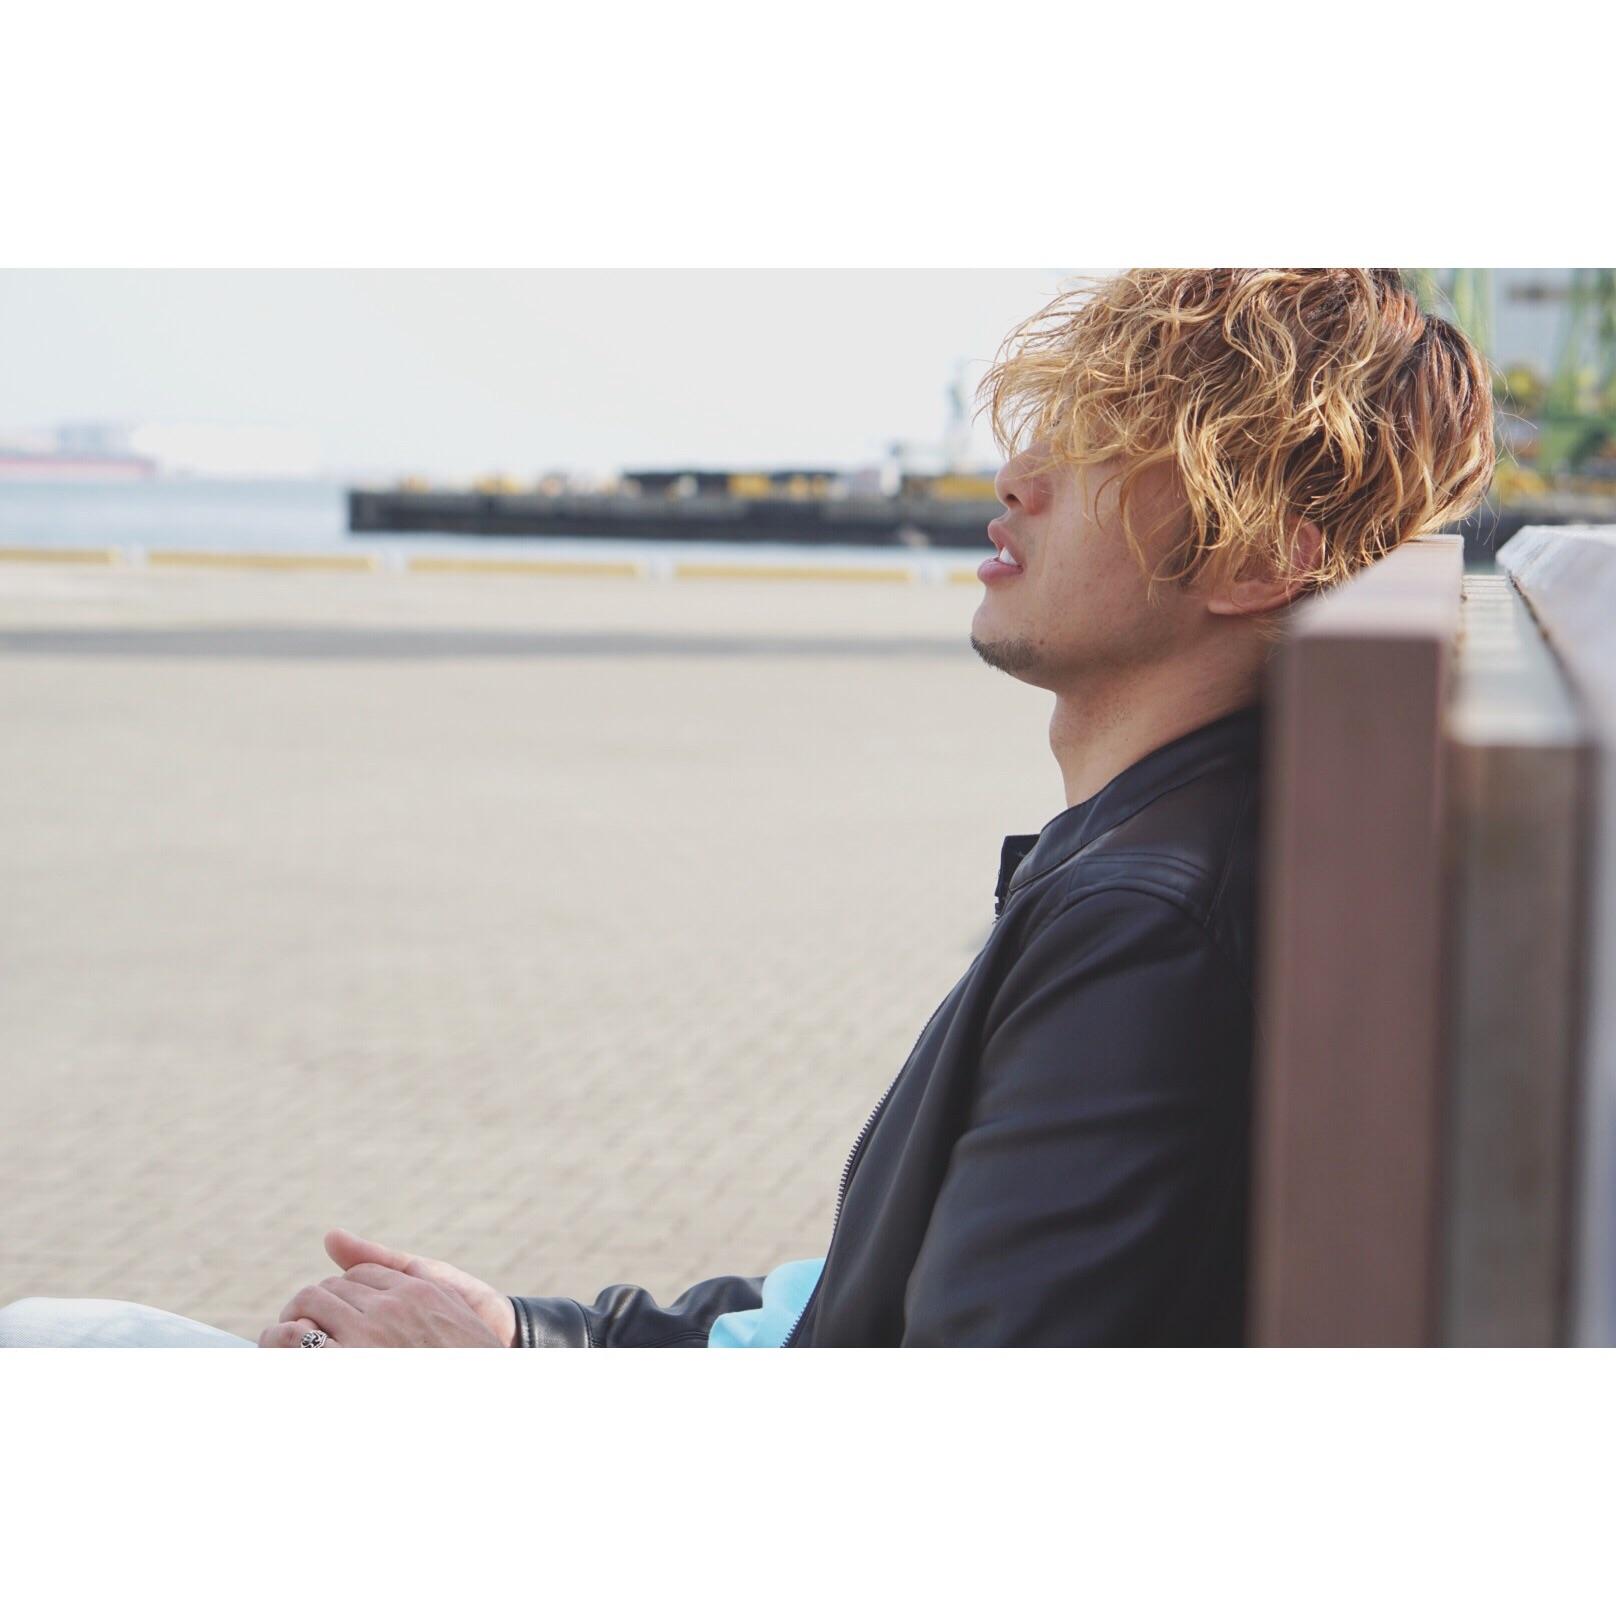 f:id:Yosuke0912:20180329155957j:image